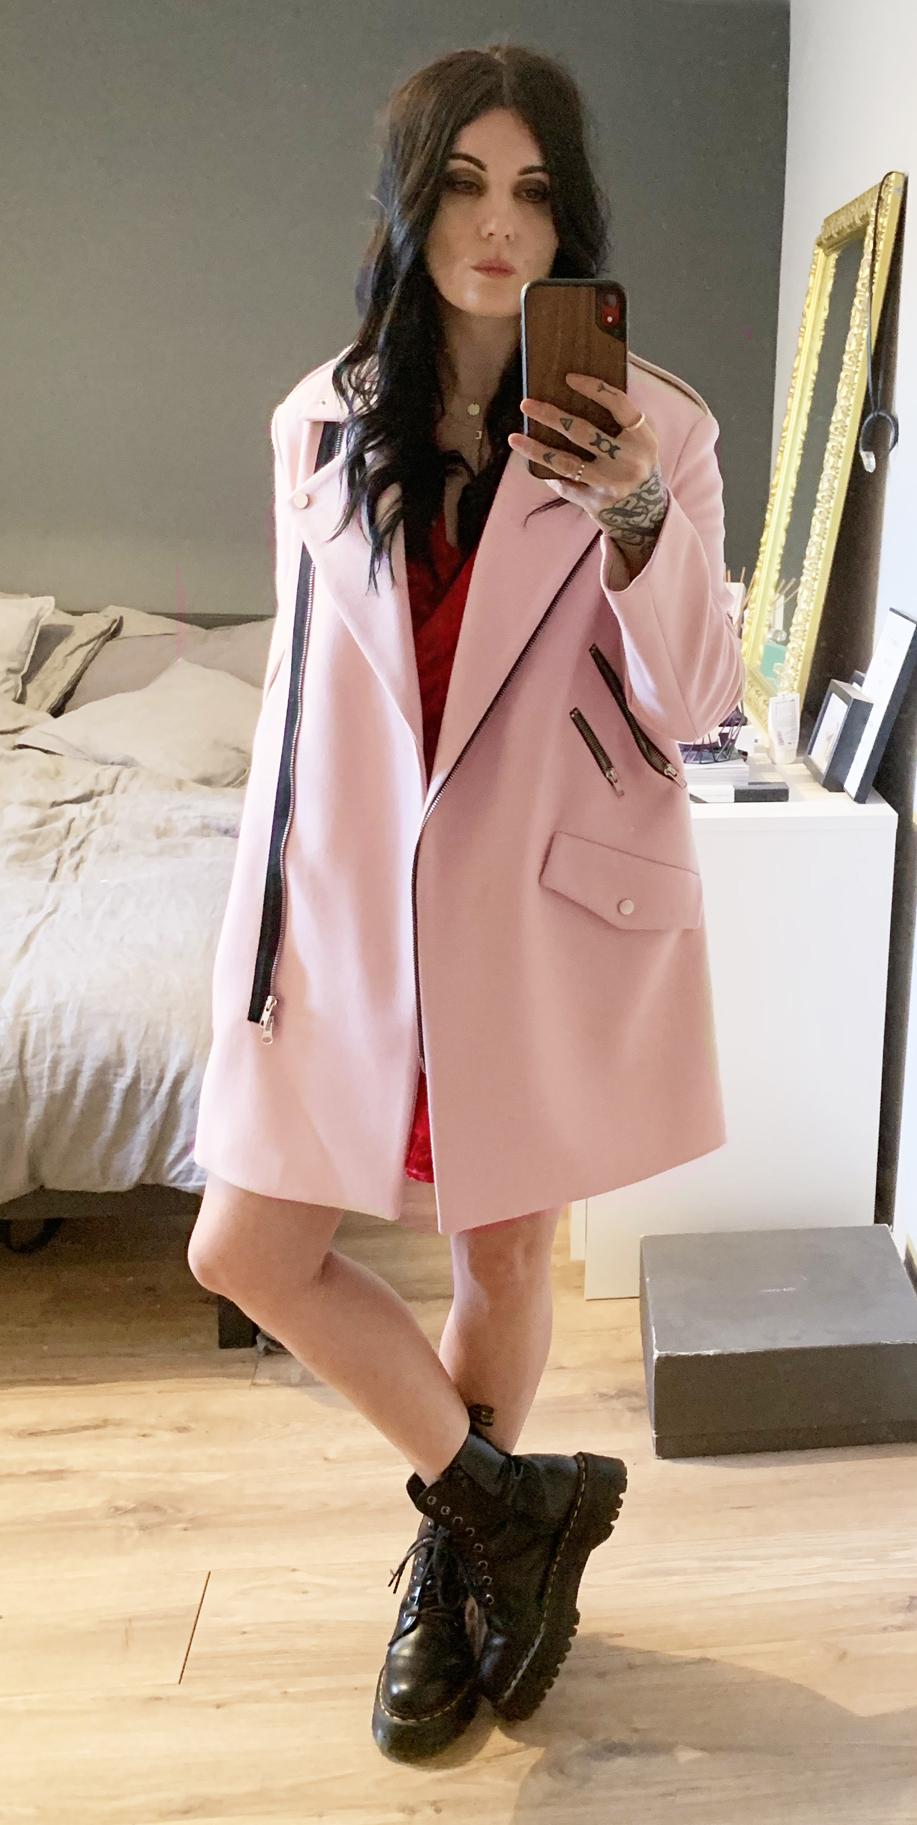 pinkcoat2.jpg